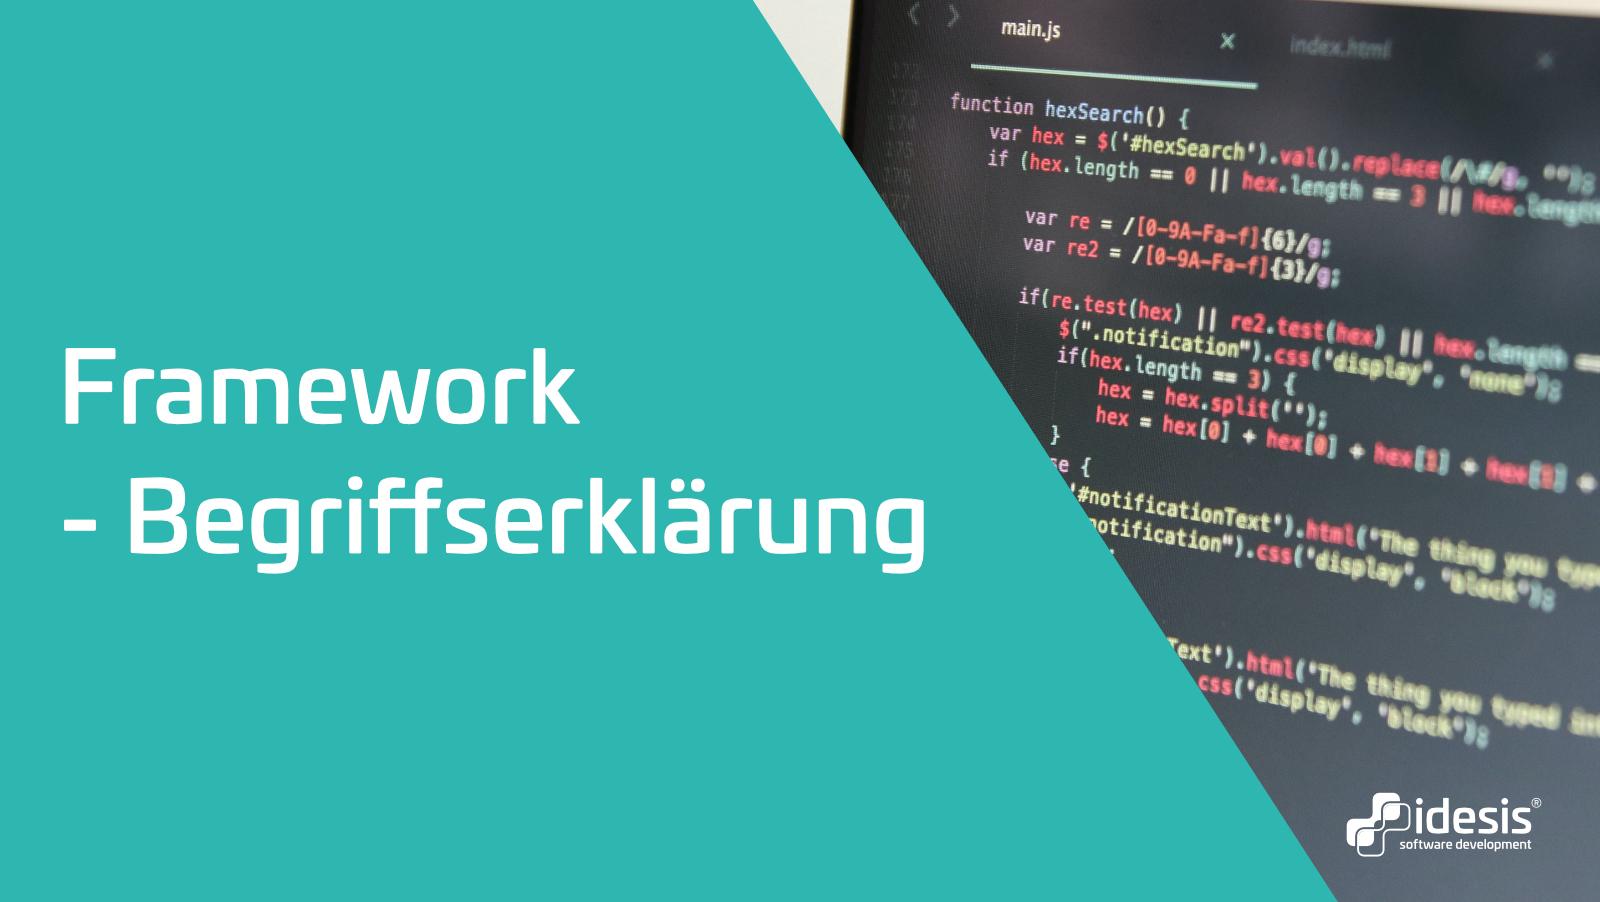 Ein Bildschirm auf dem Code zu sehen ist, neben dem Titel: Framework - Begriffserklärung